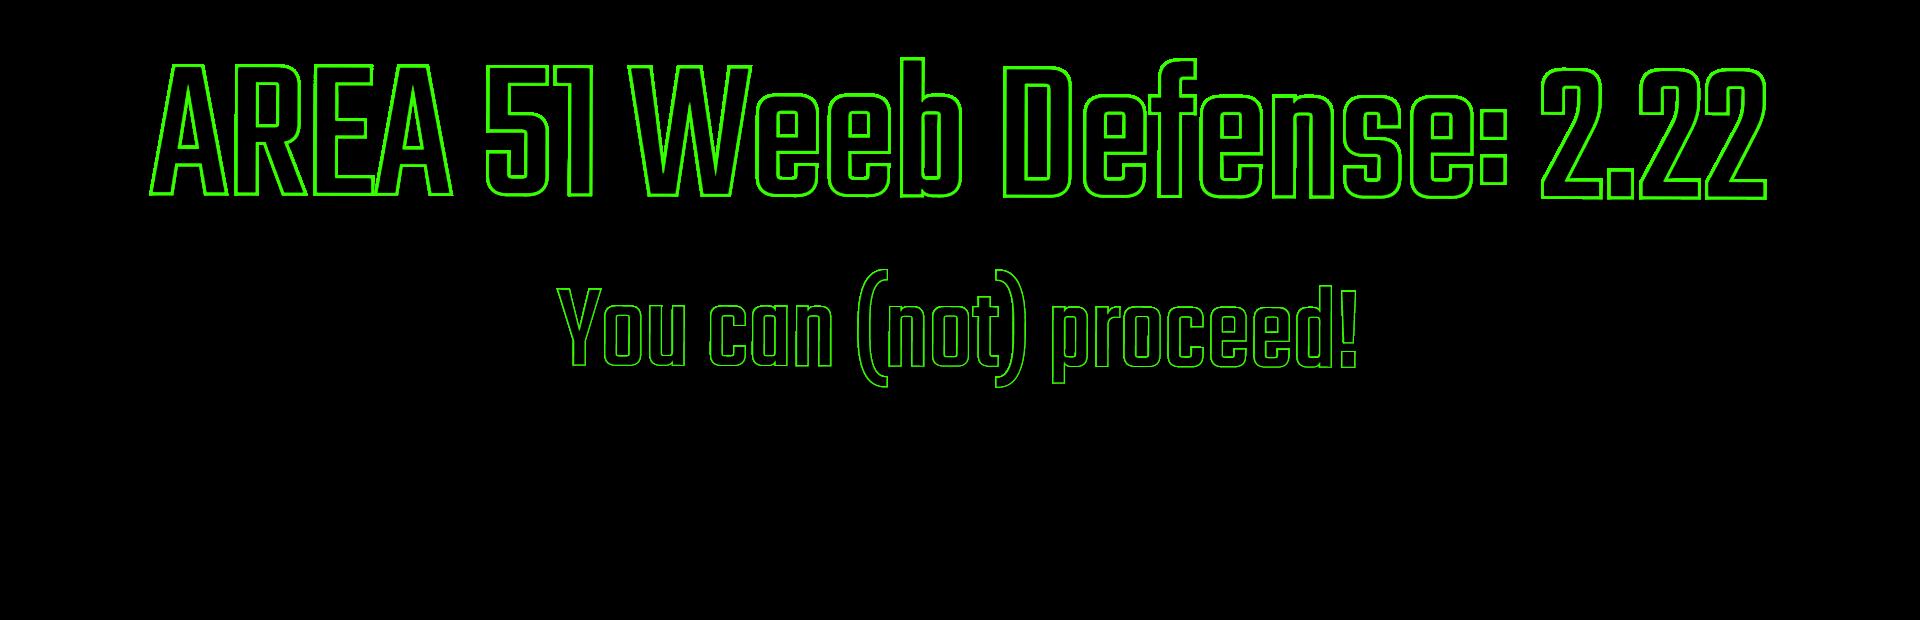 Area 51 Weeb Defense 2.22